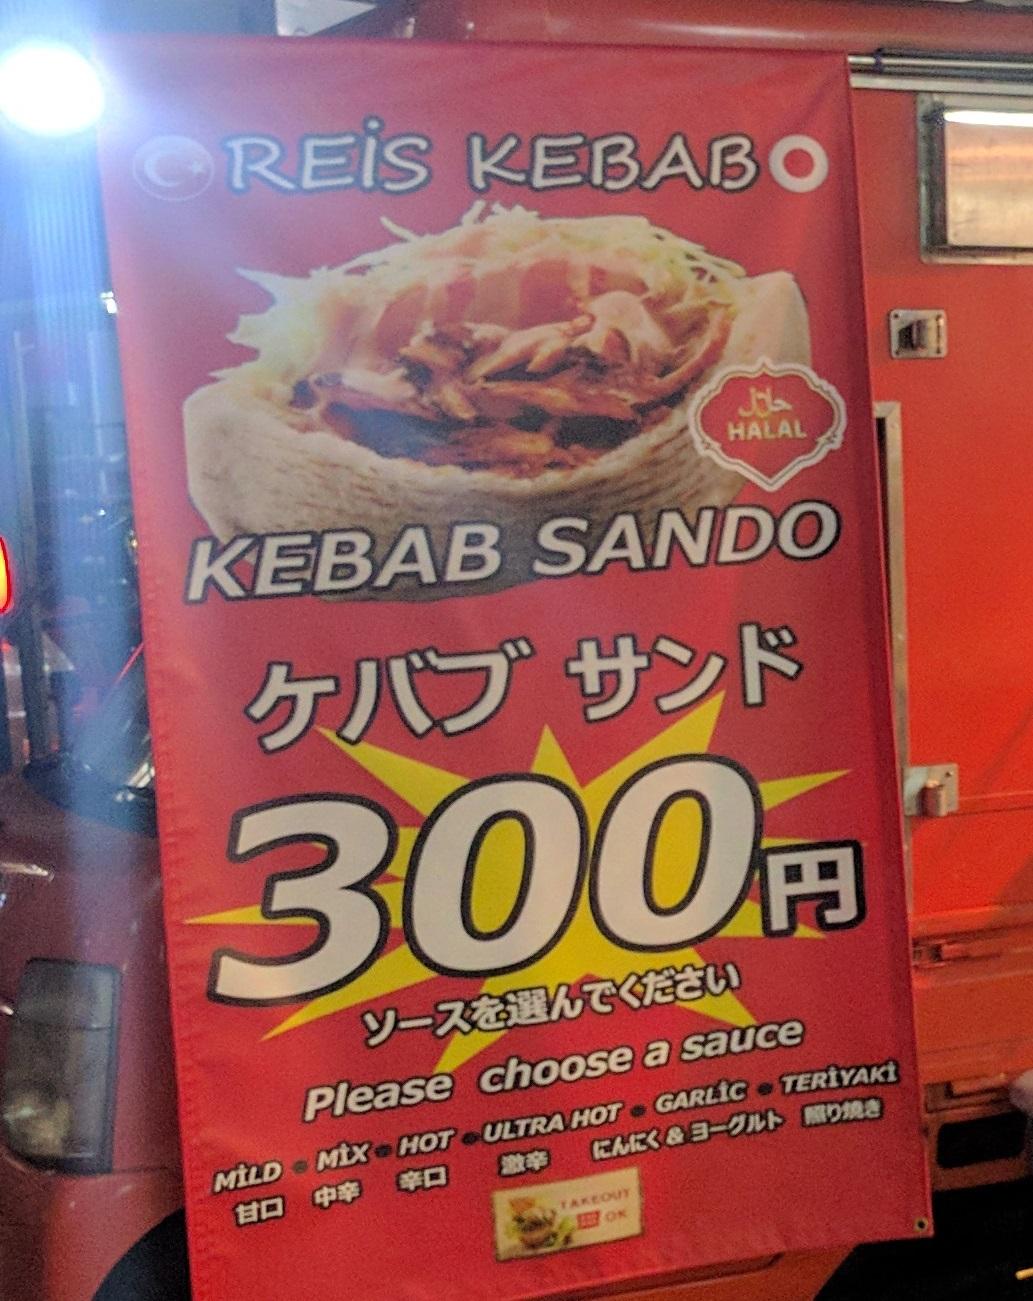 REIS KEBAB メニュー画像